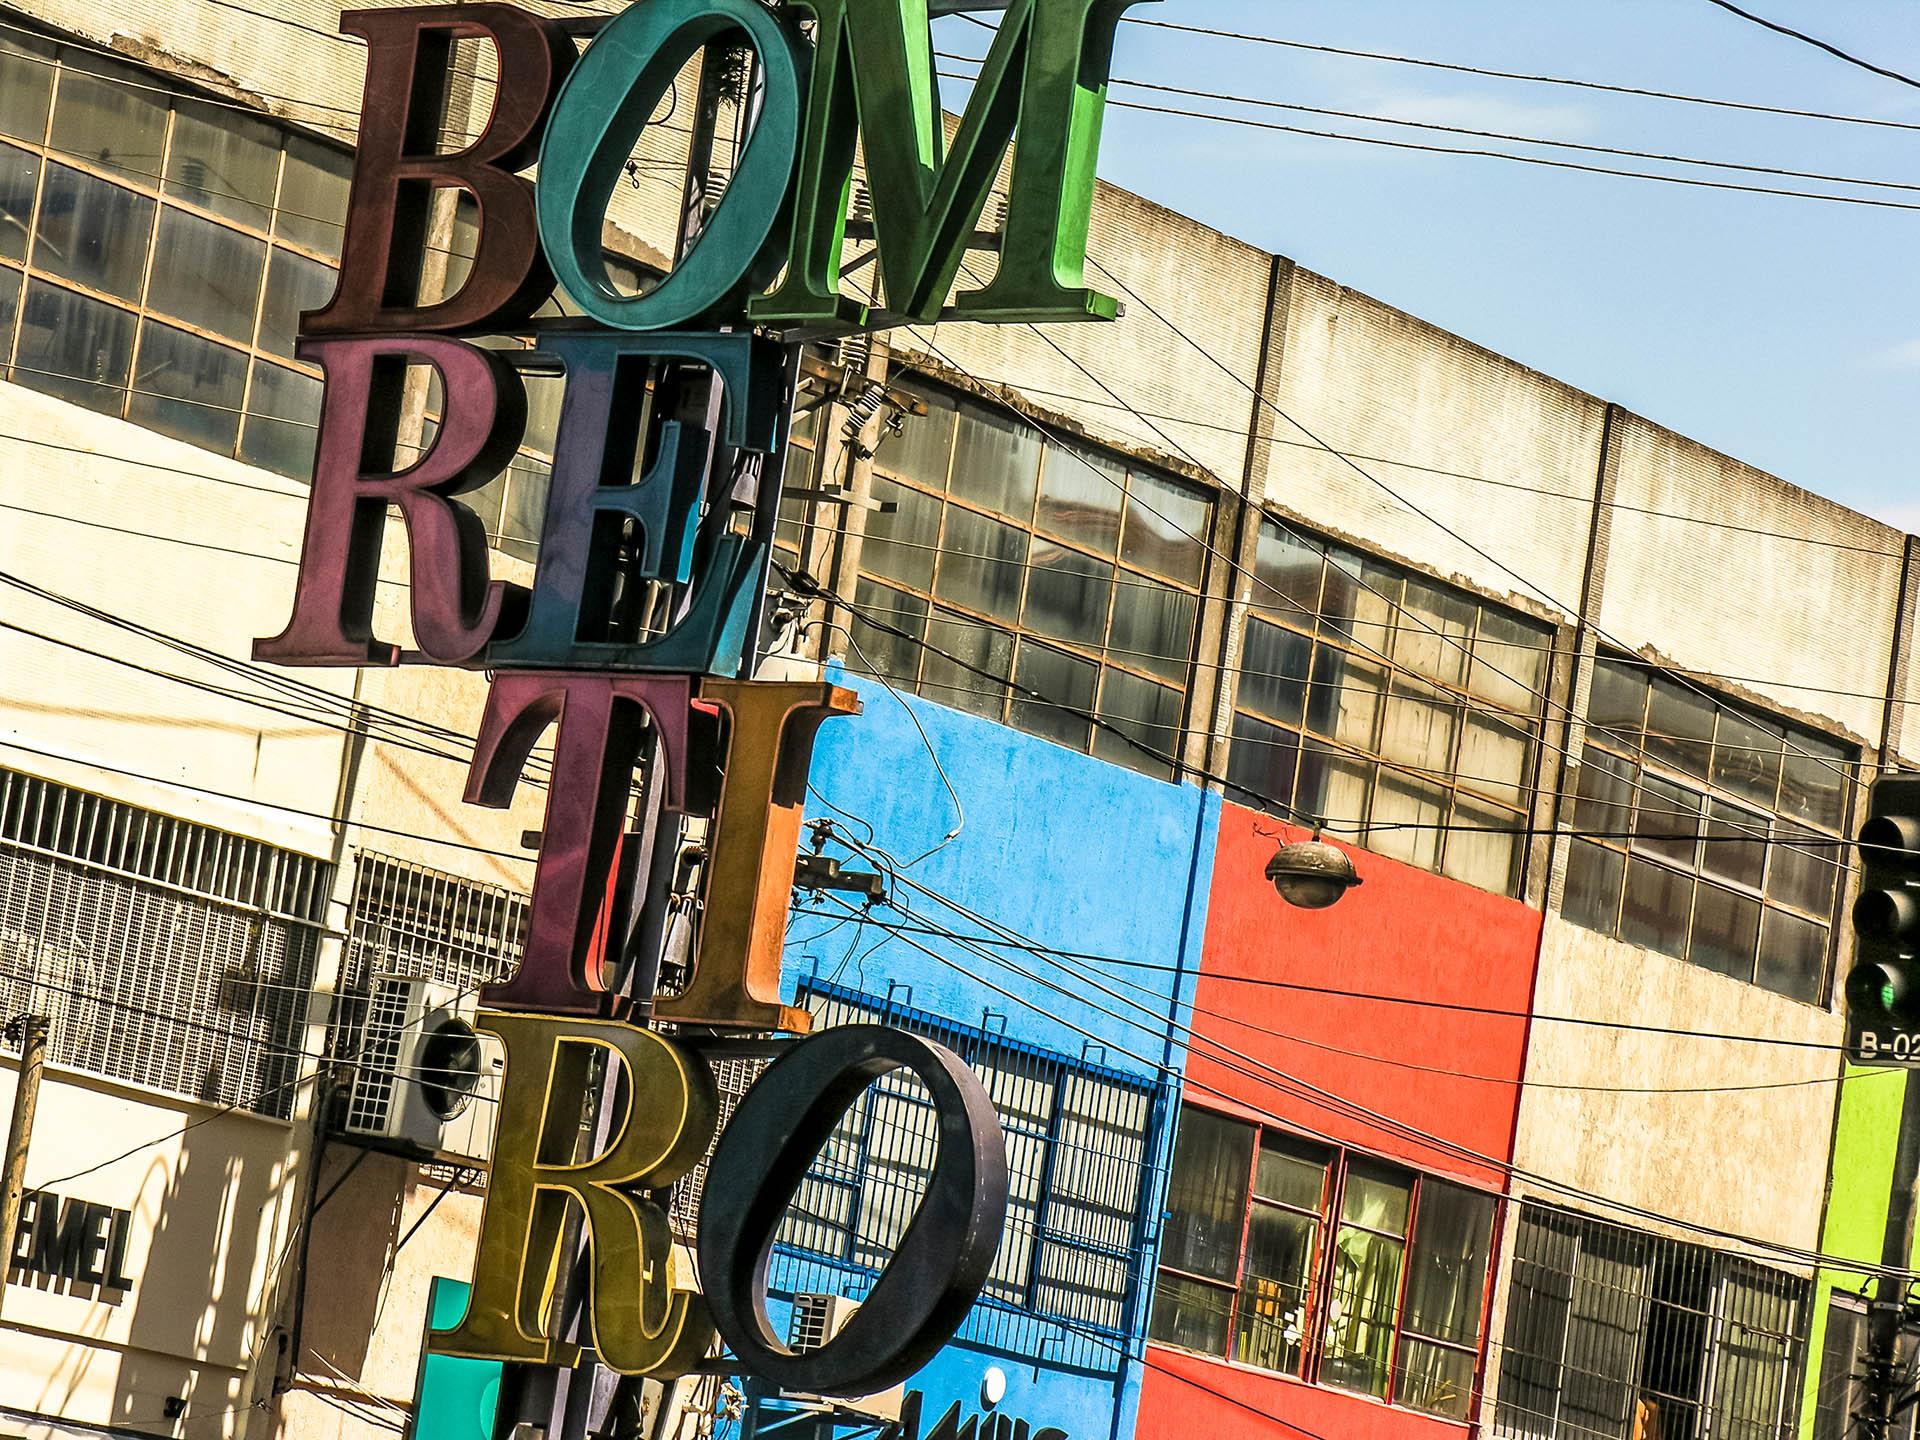 Bom Retiro es un animado barrio textil lleno de tiendas sencillas en las que se vende ropa, telas y complementos en São Paulo